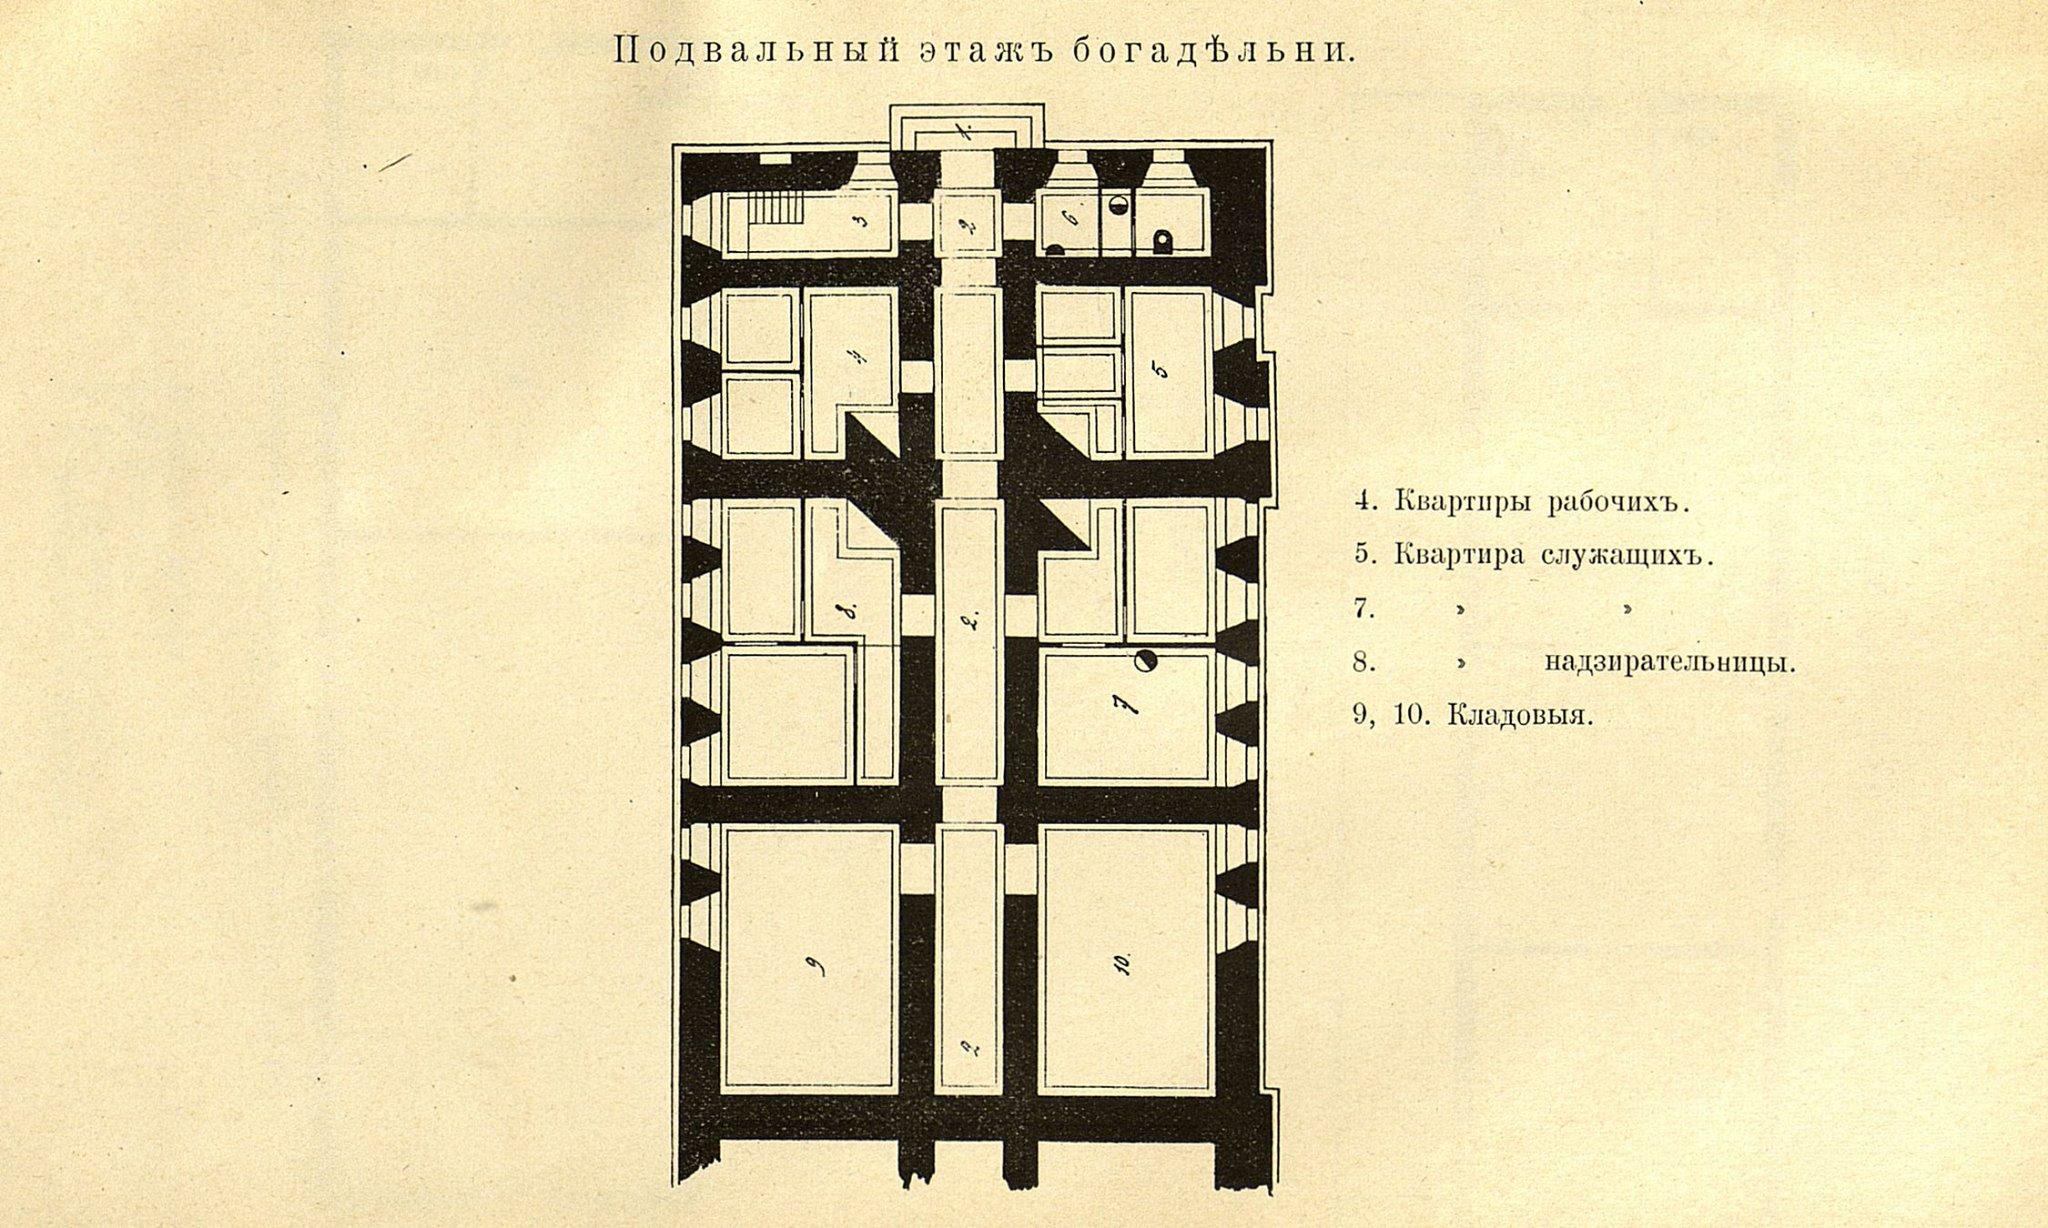 31. Богадельня. Подвальный этаж